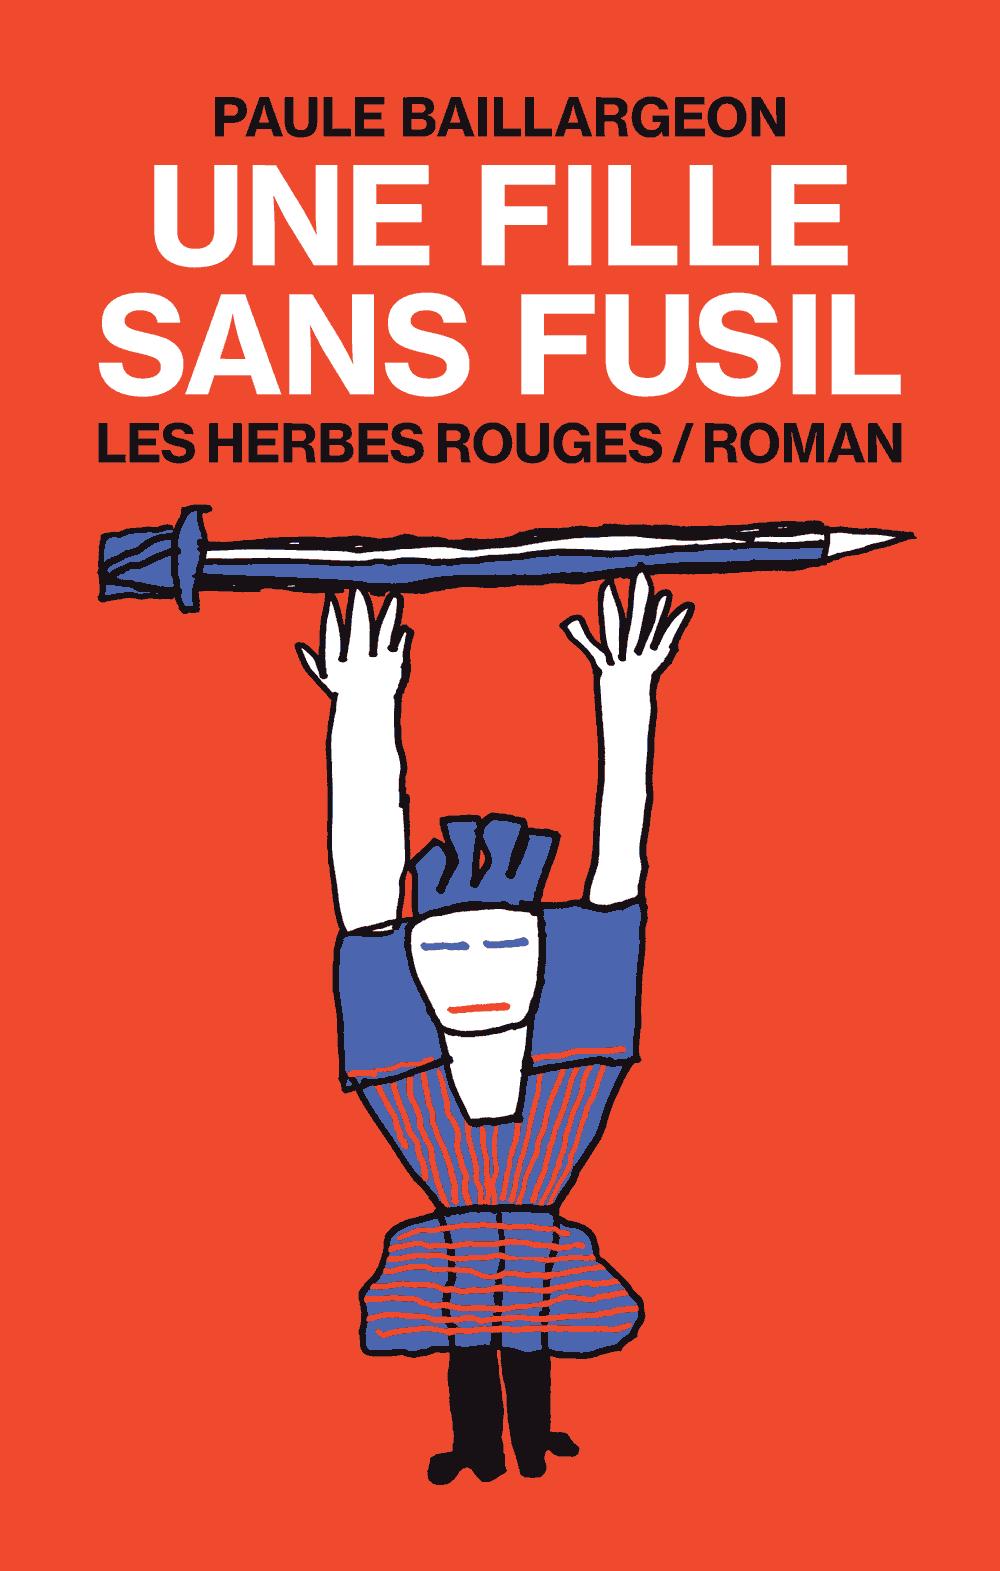 Paule Baillargeon — Une fille sans fusil